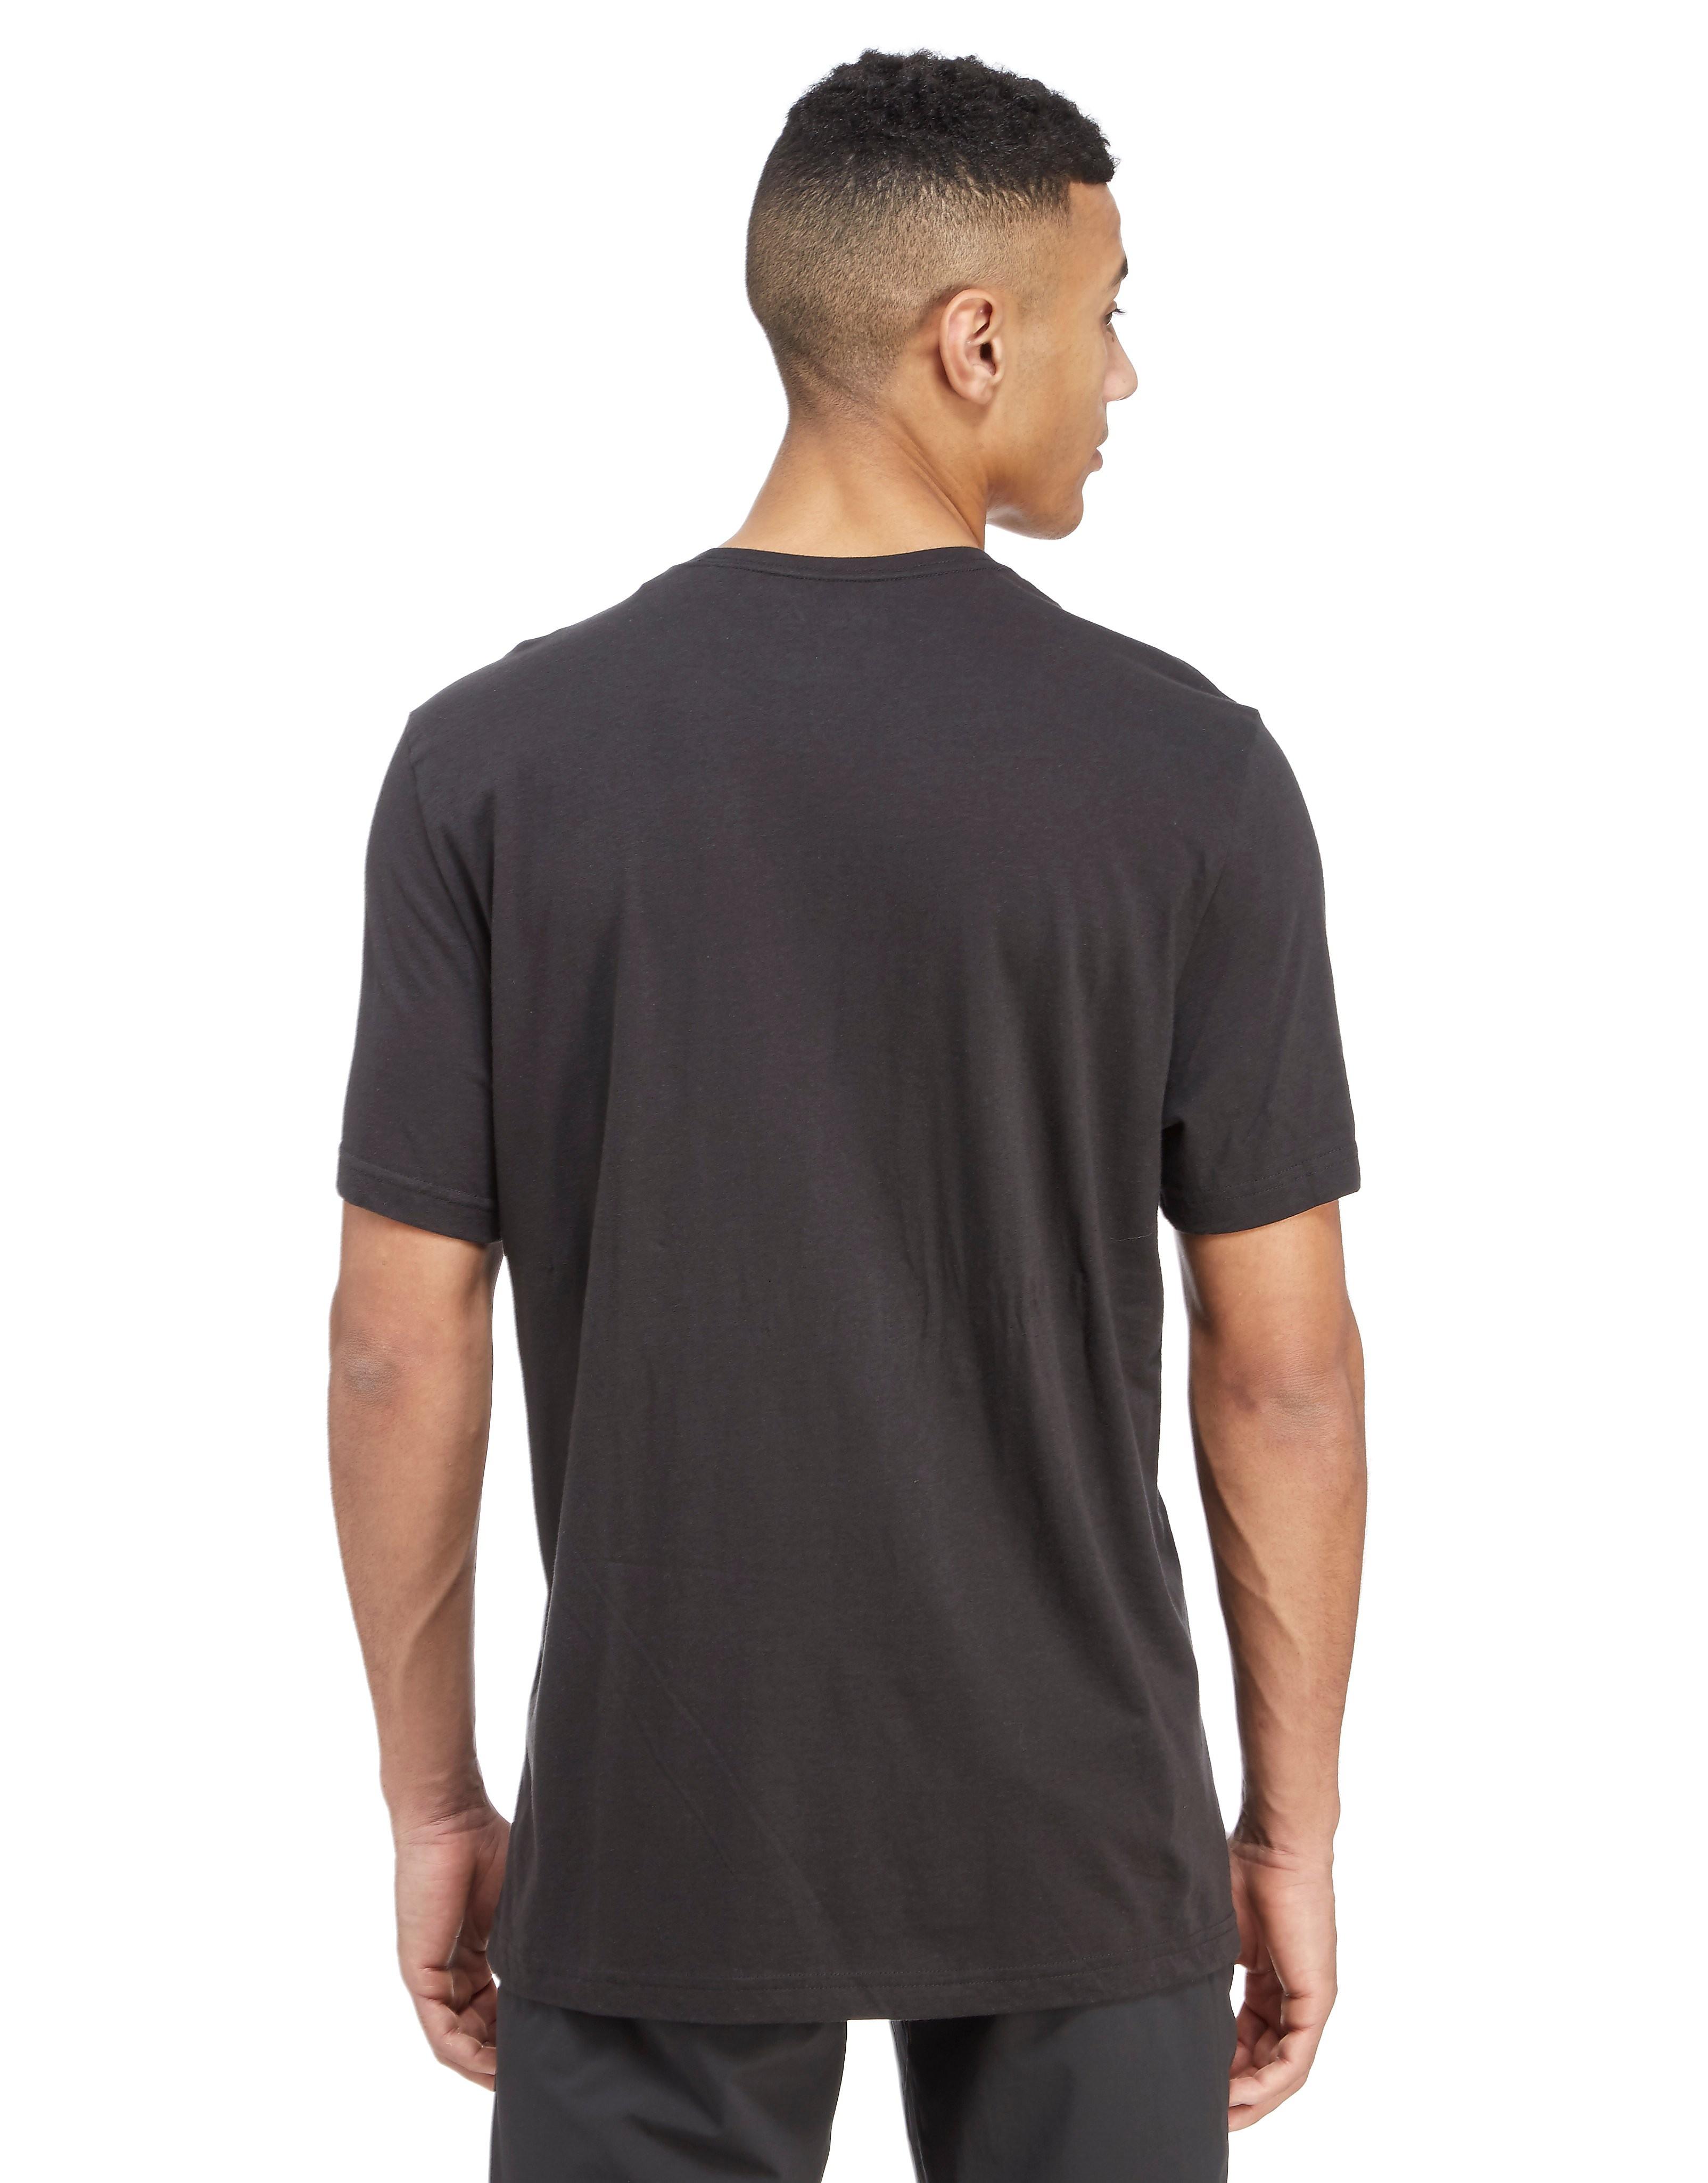 Reebok UFC Conor McGregor Nickname T-Shirt